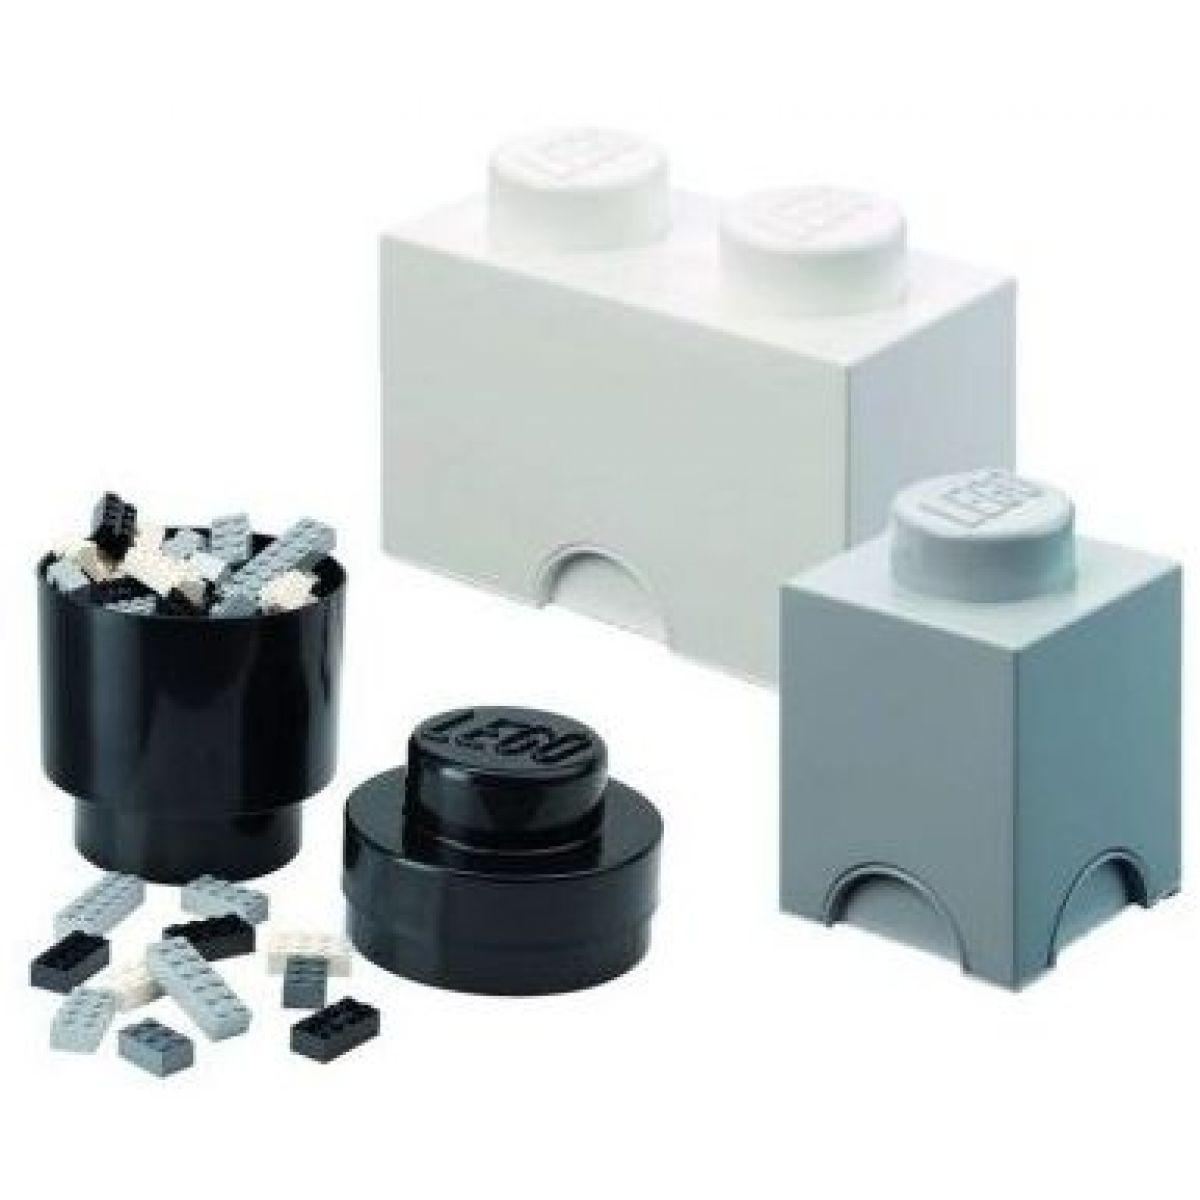 LEGO úložné boxy Multi-Pack 3 ks černá, bílá, šedá